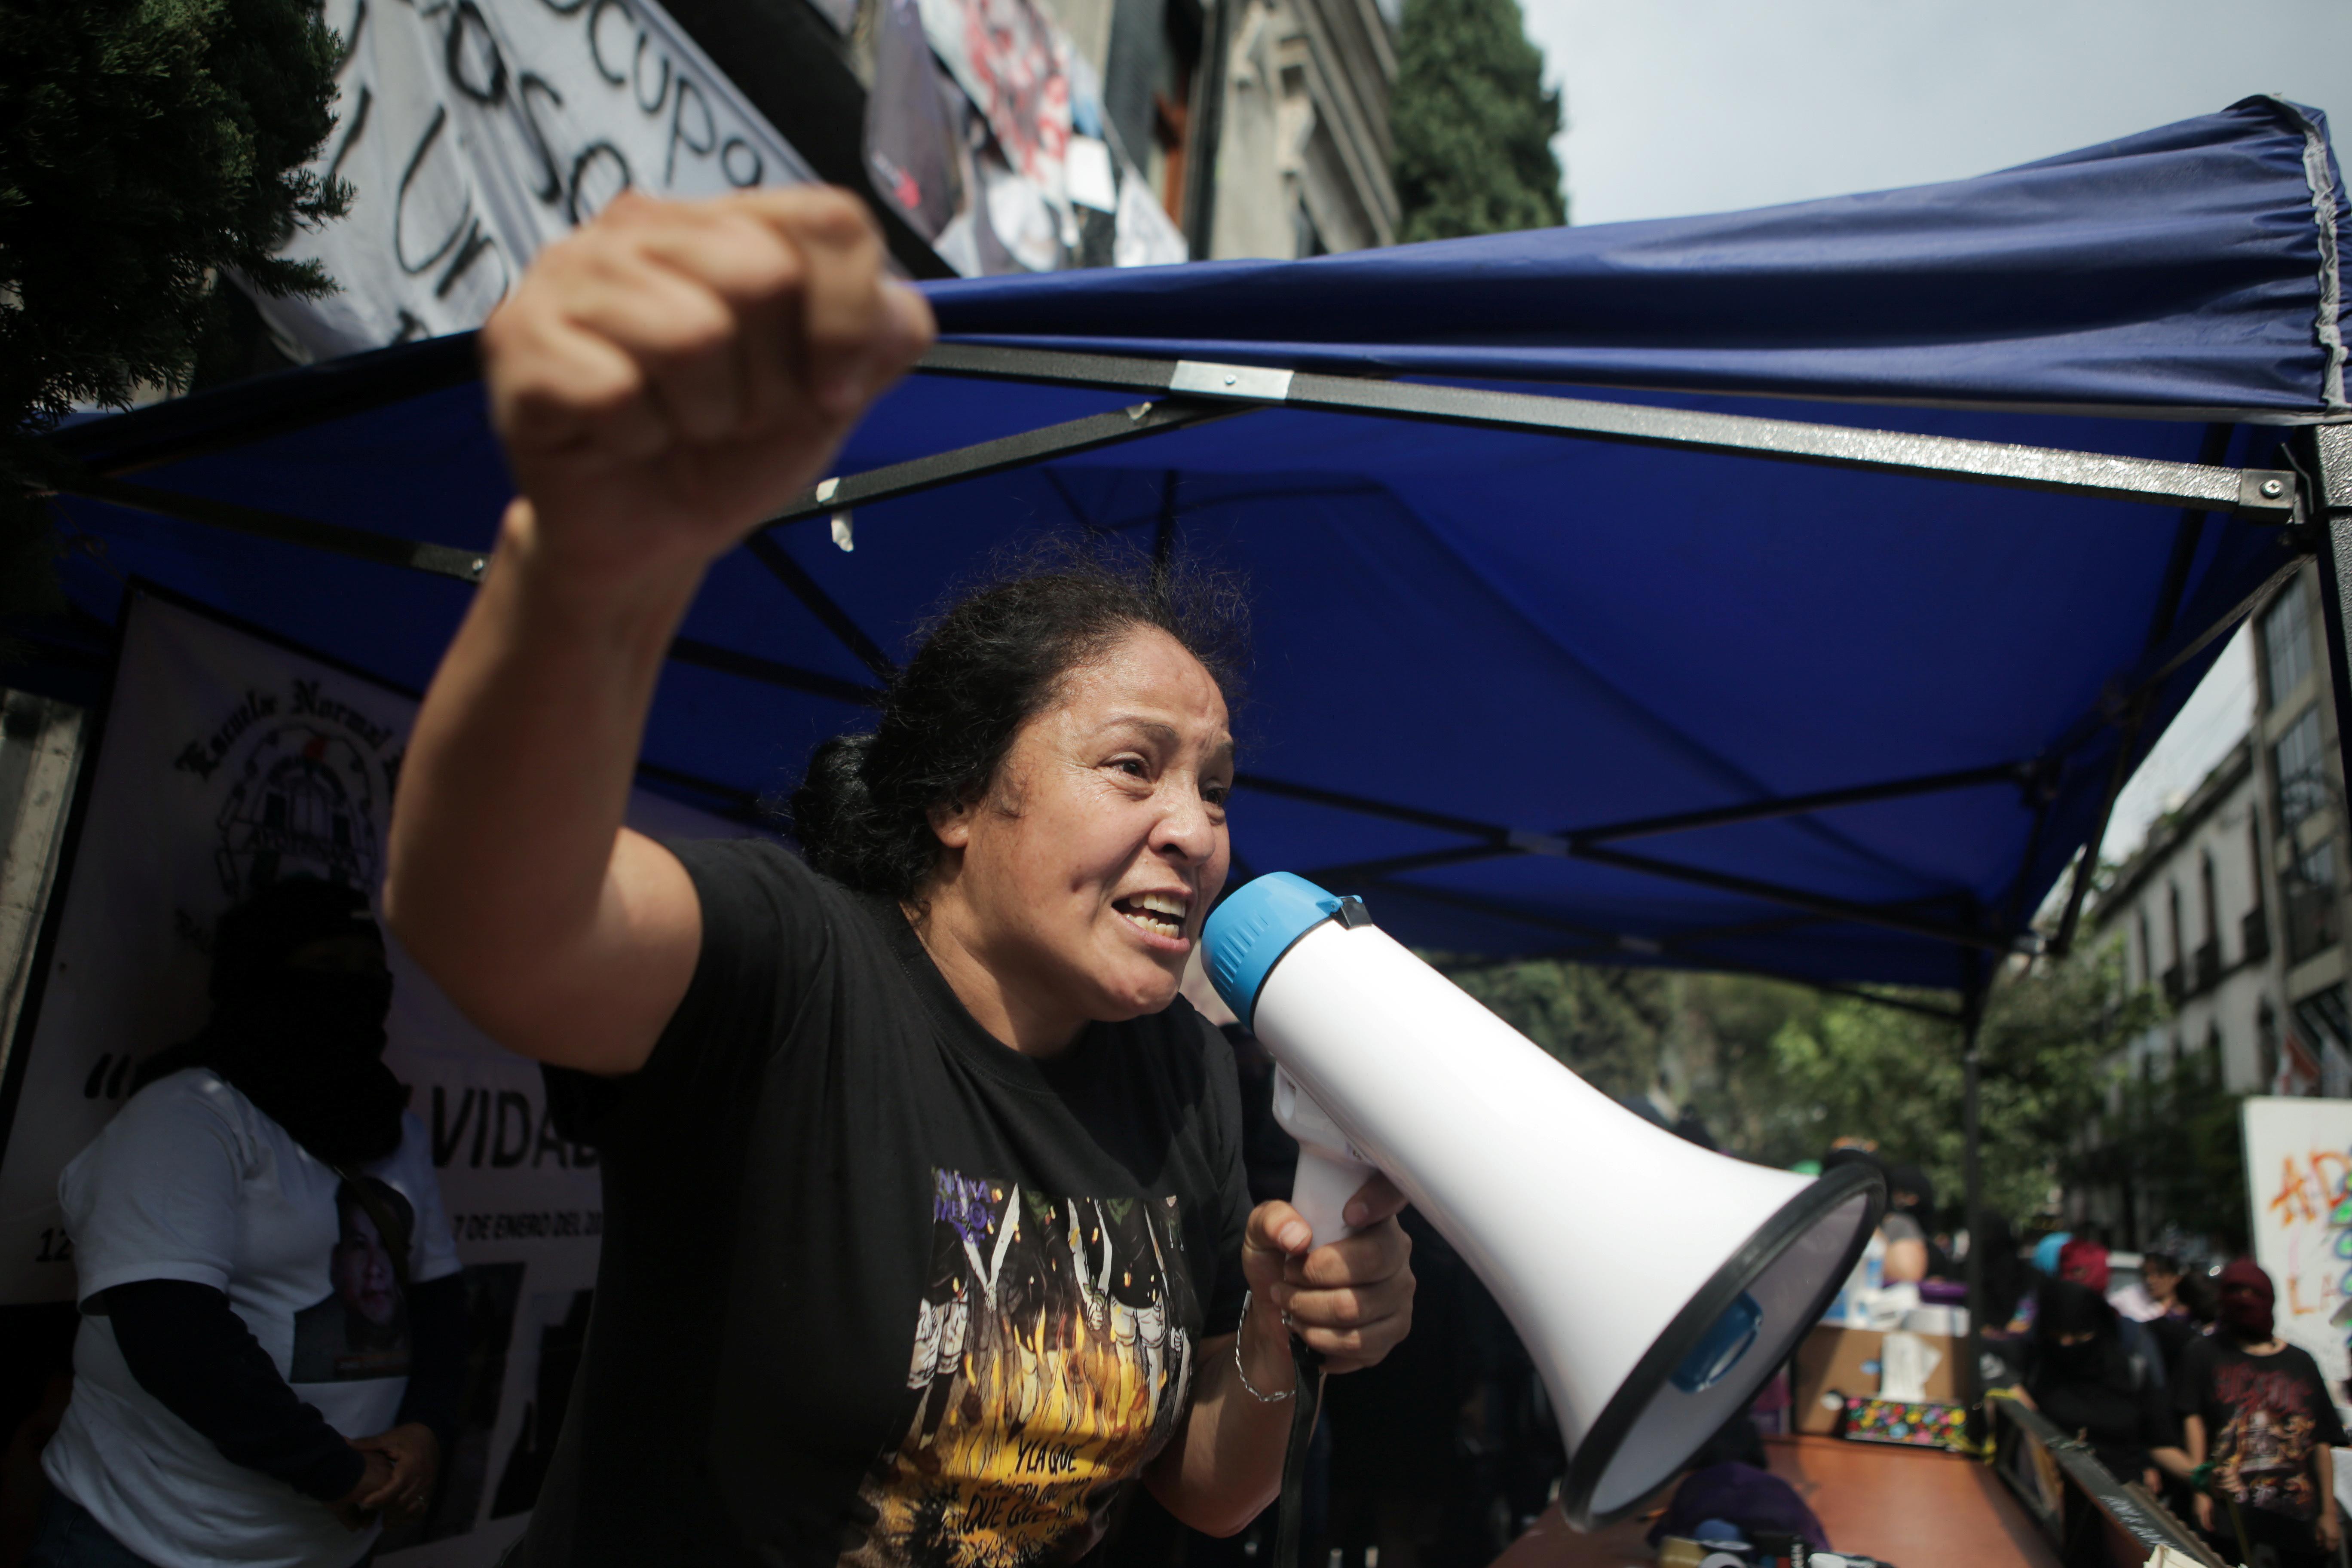 Yesenia Zamudio, activista y madre de una víctima de violencia de género, utiliza un megáfono durante una protesta frente a las instalaciones del edificio de la Comisión Nacional de Derechos Humanos que fue tomado por ella y por un colectivo feminista, en apoyo a las víctimas de violencia de género, en México. Ciudad, México 11 de septiembre de 2020. Foto tomada el 11 de septiembre de 2020.